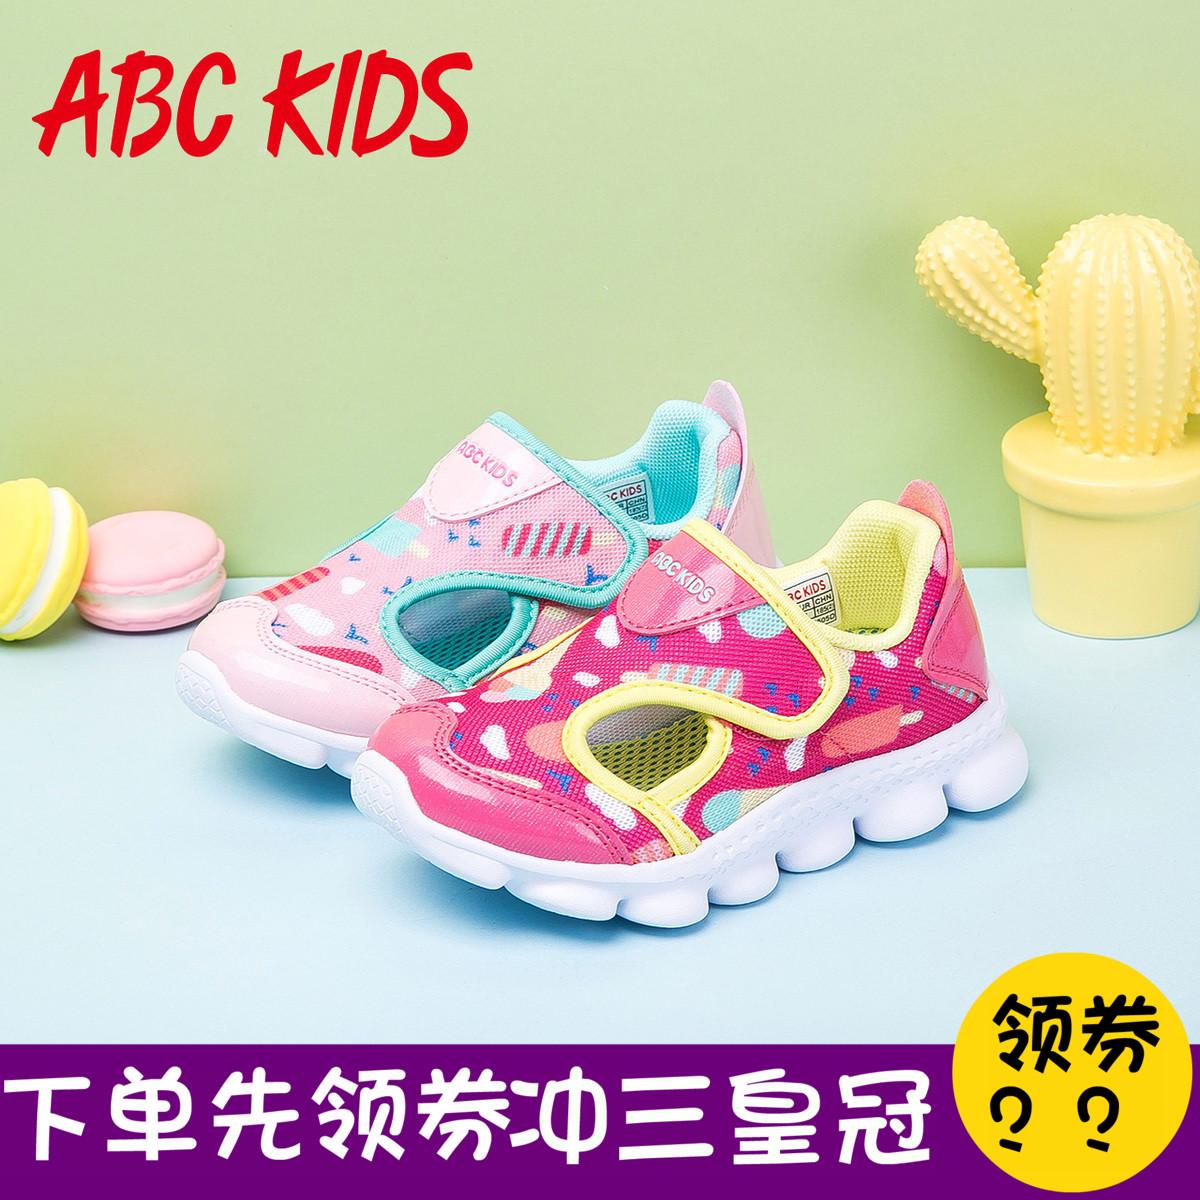 abc宝宝鞋子